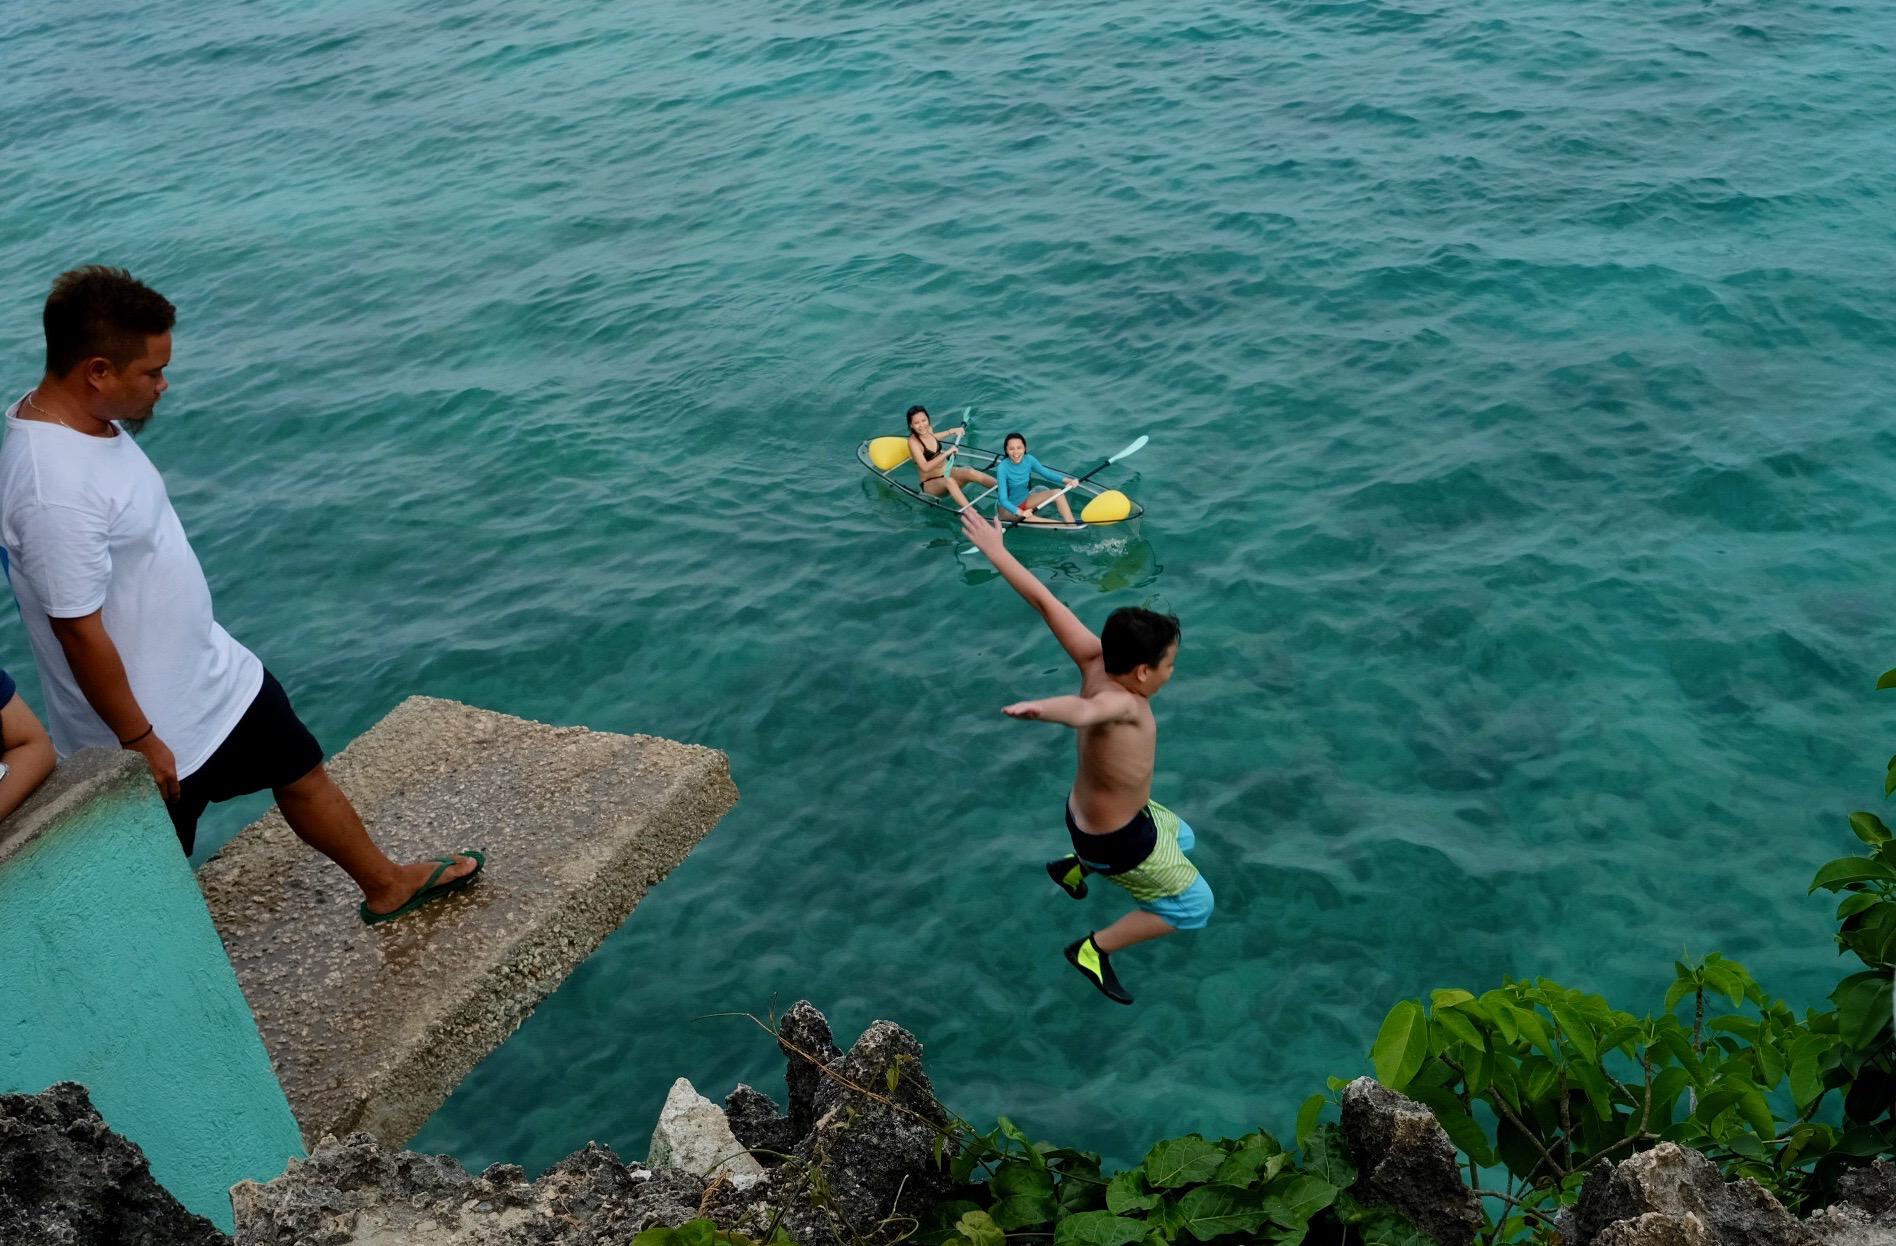 Salagdoong Beach 20 feet jump